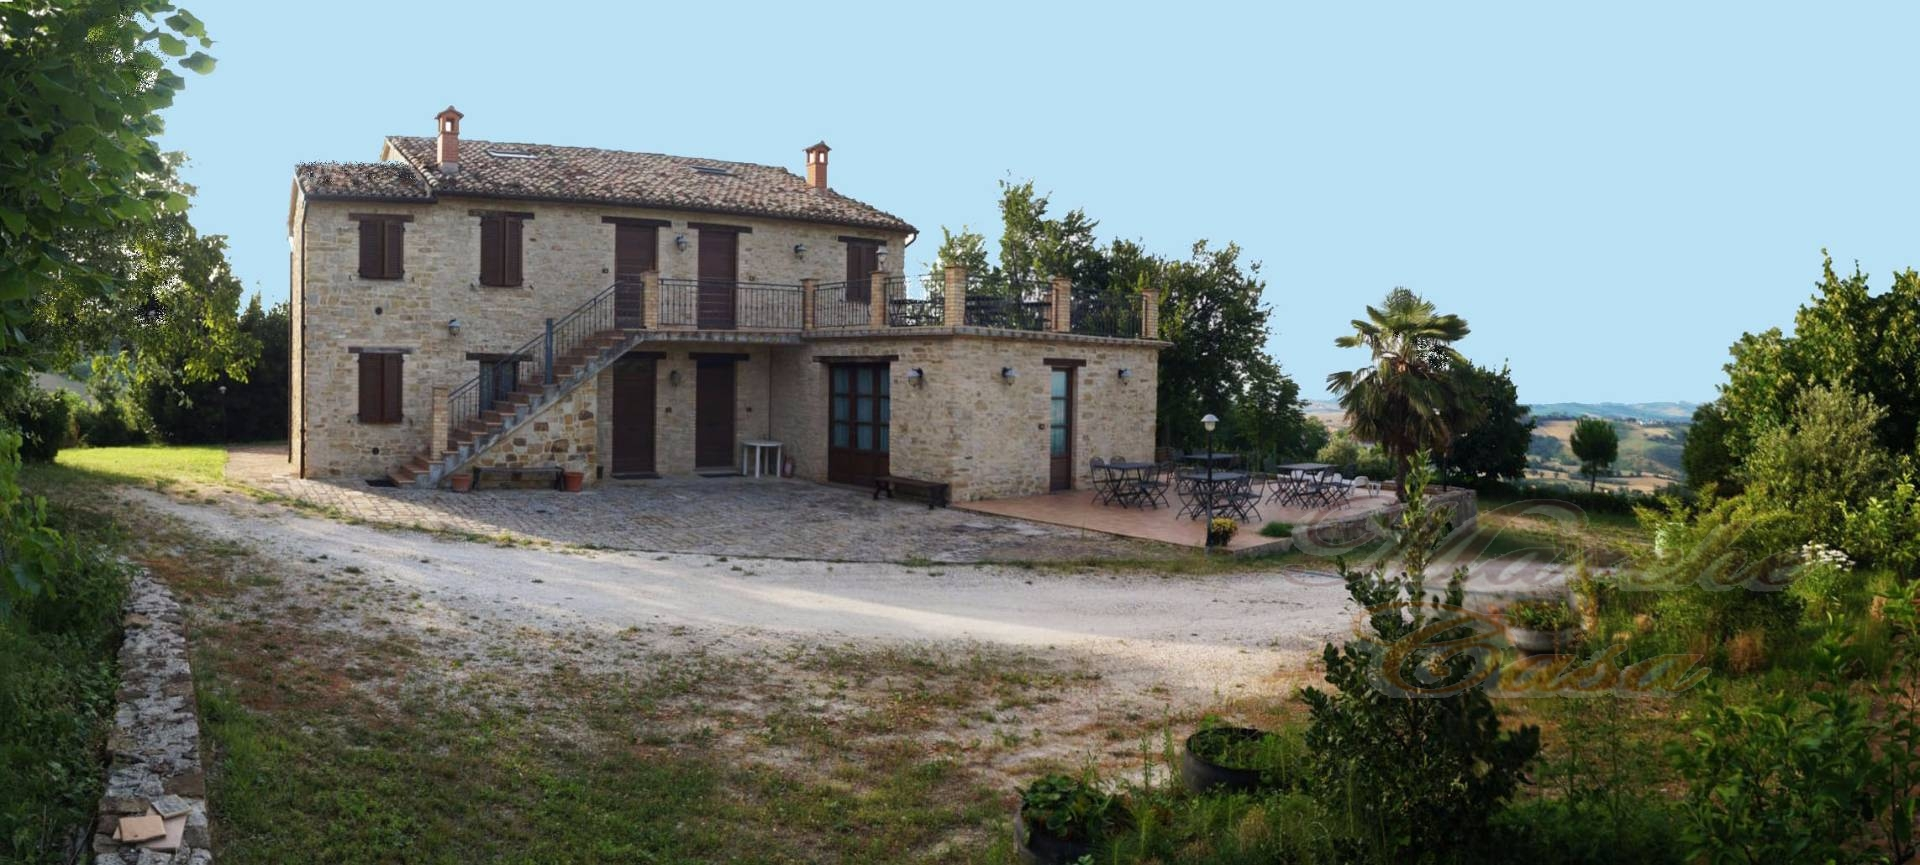 Rustico / Casale in vendita a Cingoli, 20 locali, prezzo € 830.000 | CambioCasa.it